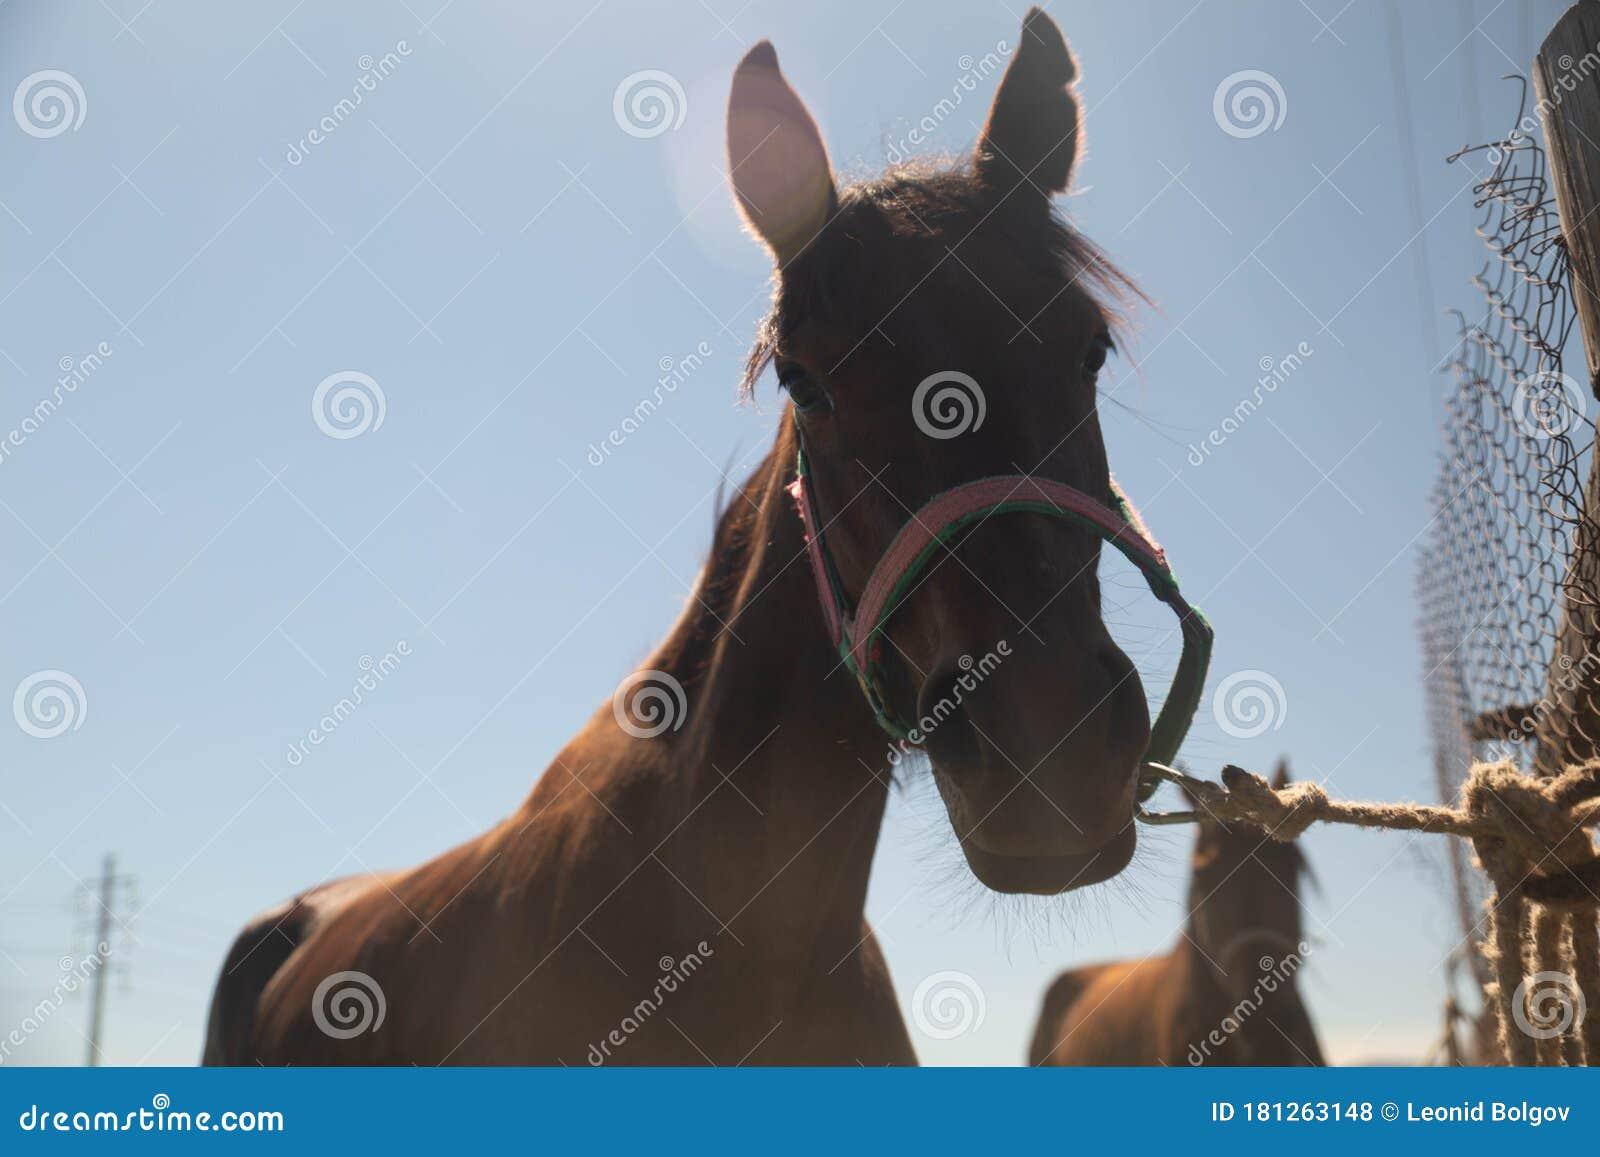 Portrait Of Wonderful Bay English Horse Horse Head Close Up Stock Photo Image Of Isolated Black 181263148